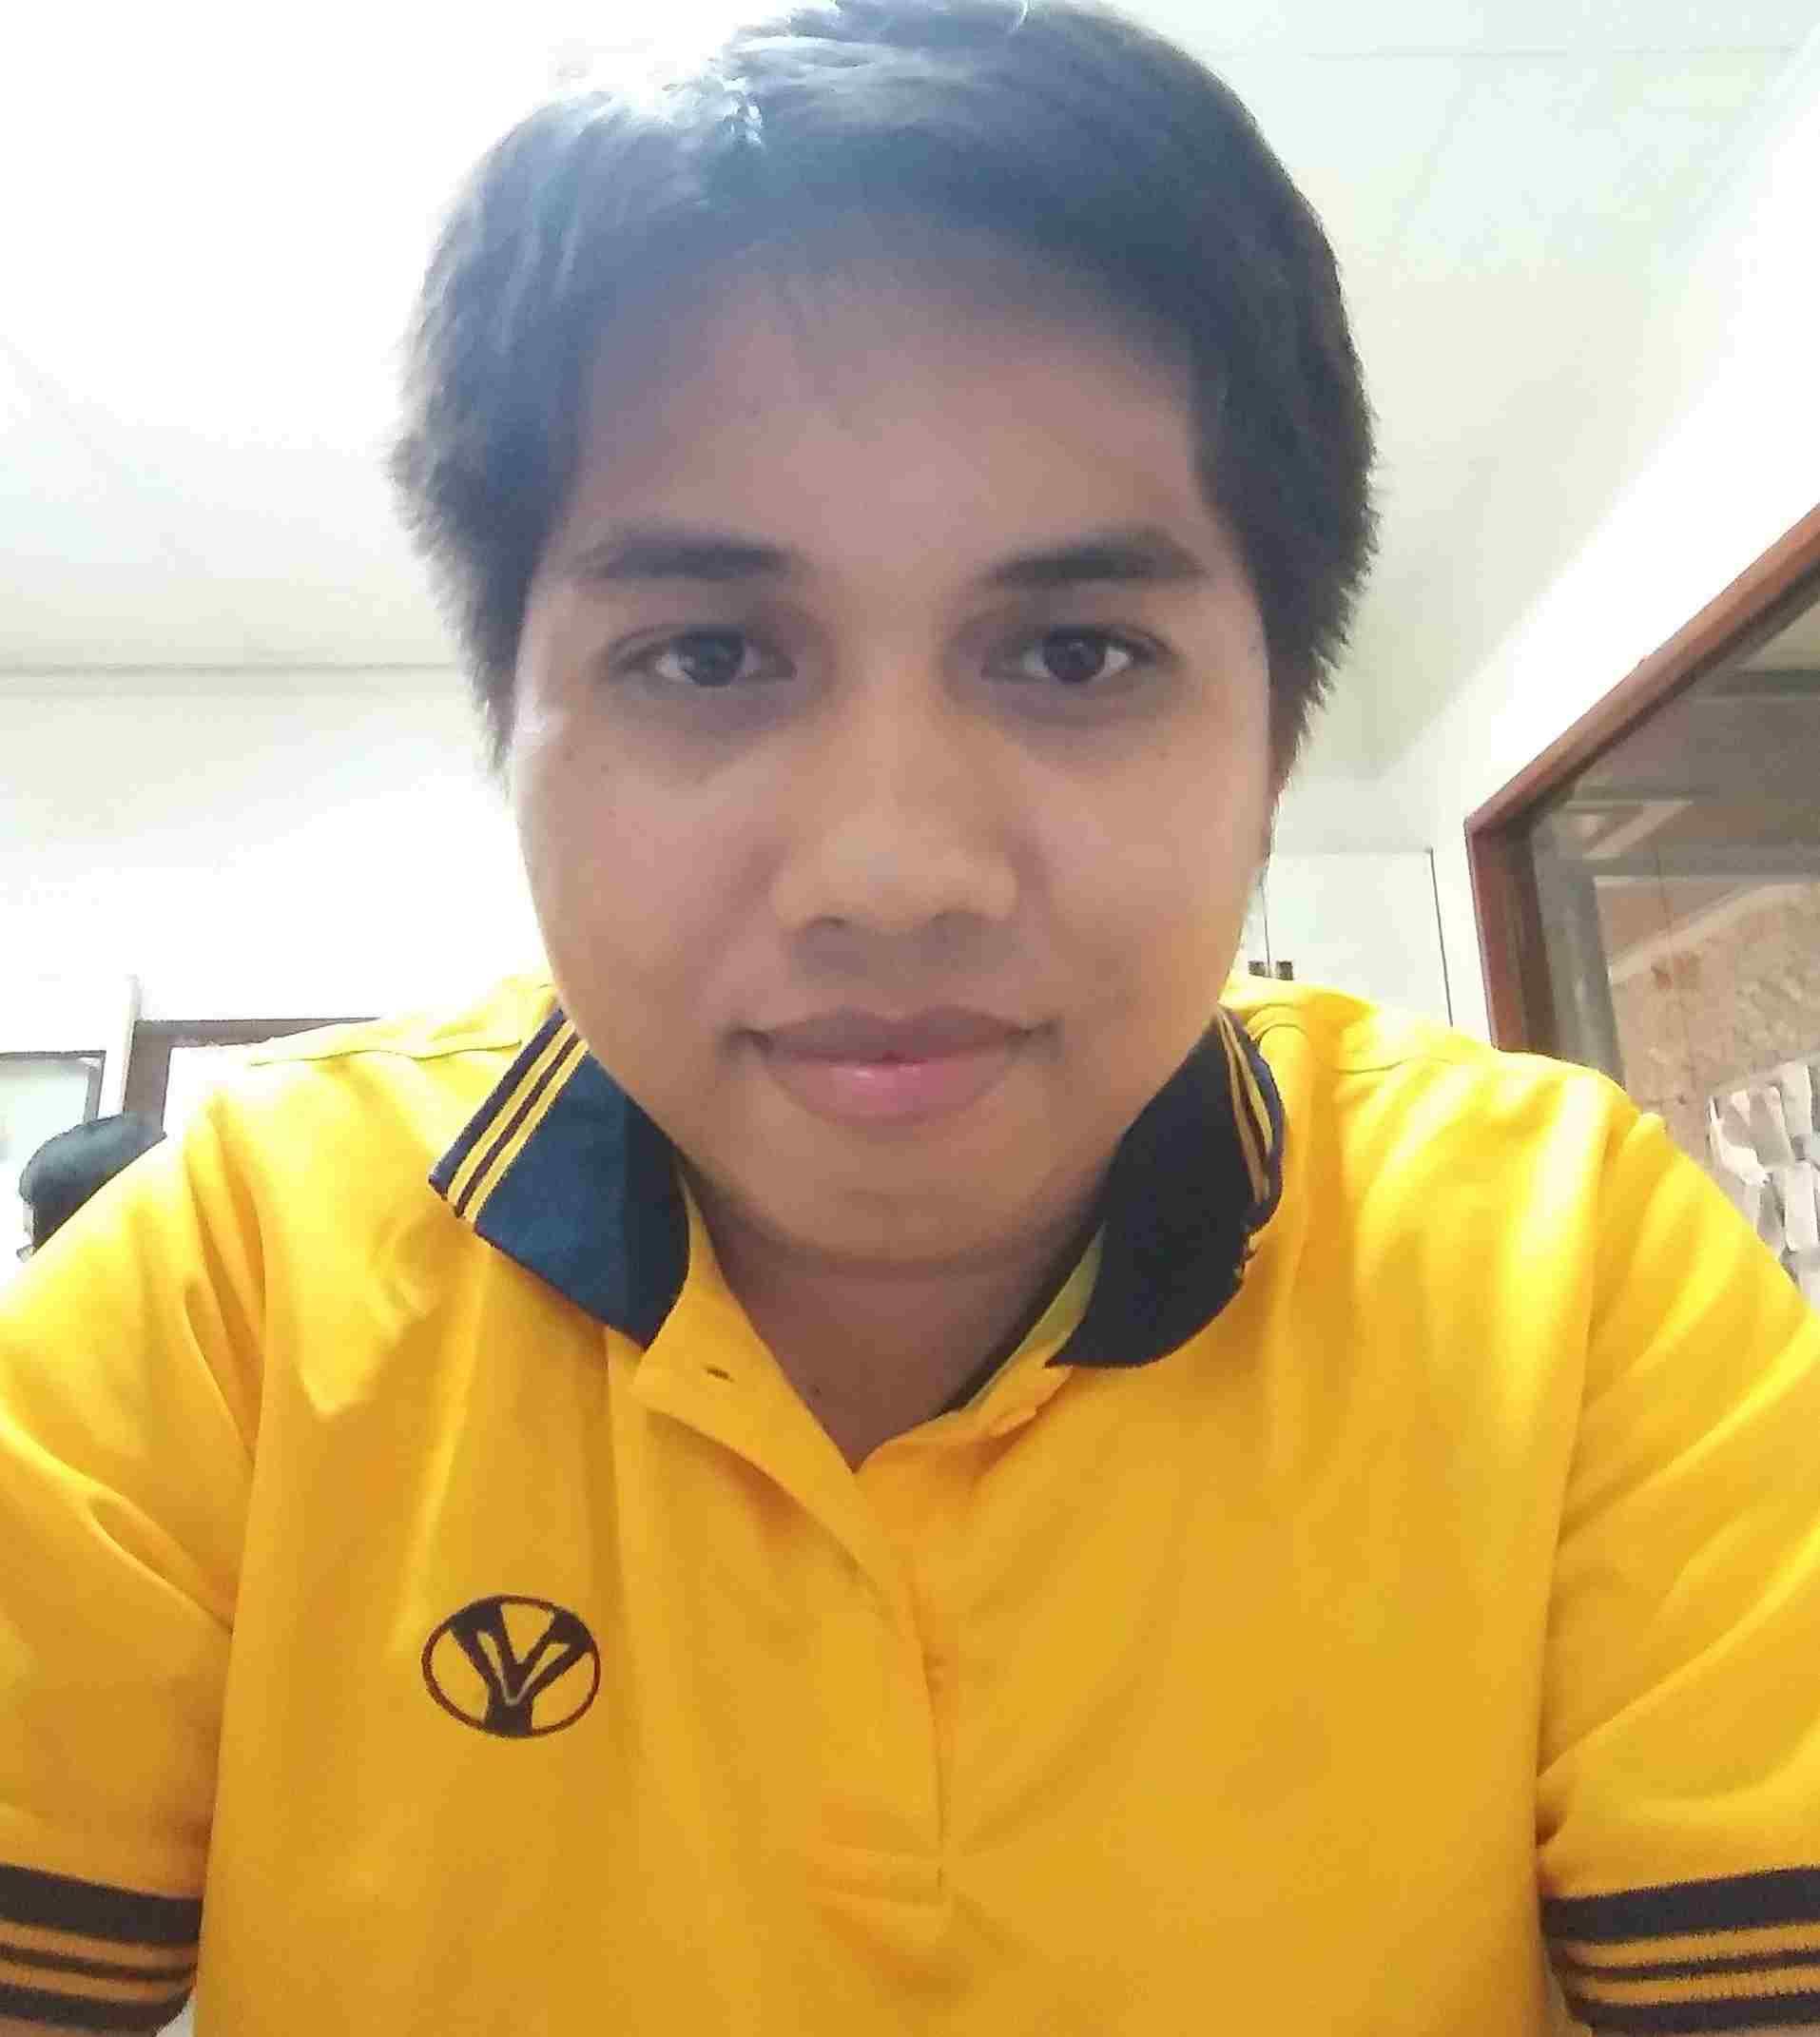 Soy Rufo Tovar o robbo62, tengo 30 años, soy de Catalonia, ciudad Manresa